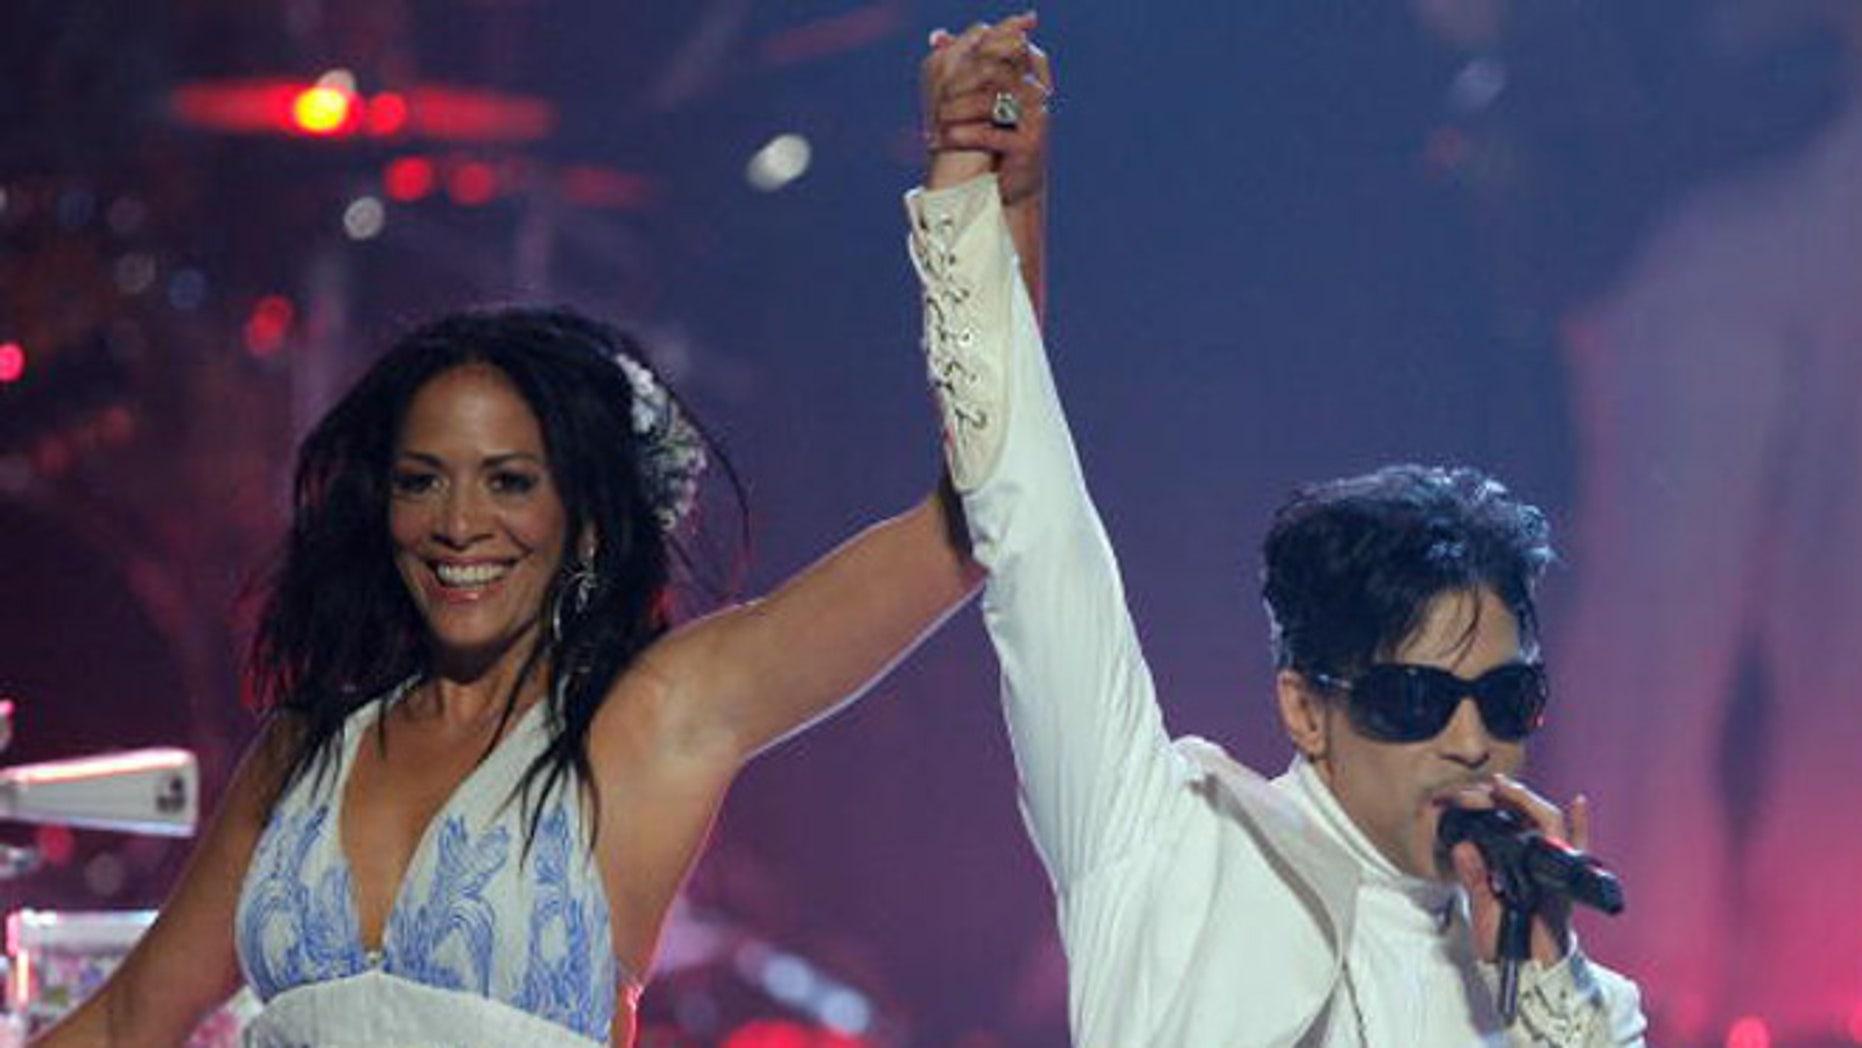 Sheila E. and Prince during the NCLR ALMA Awards on June 1, 2007 in Pasadena, California.